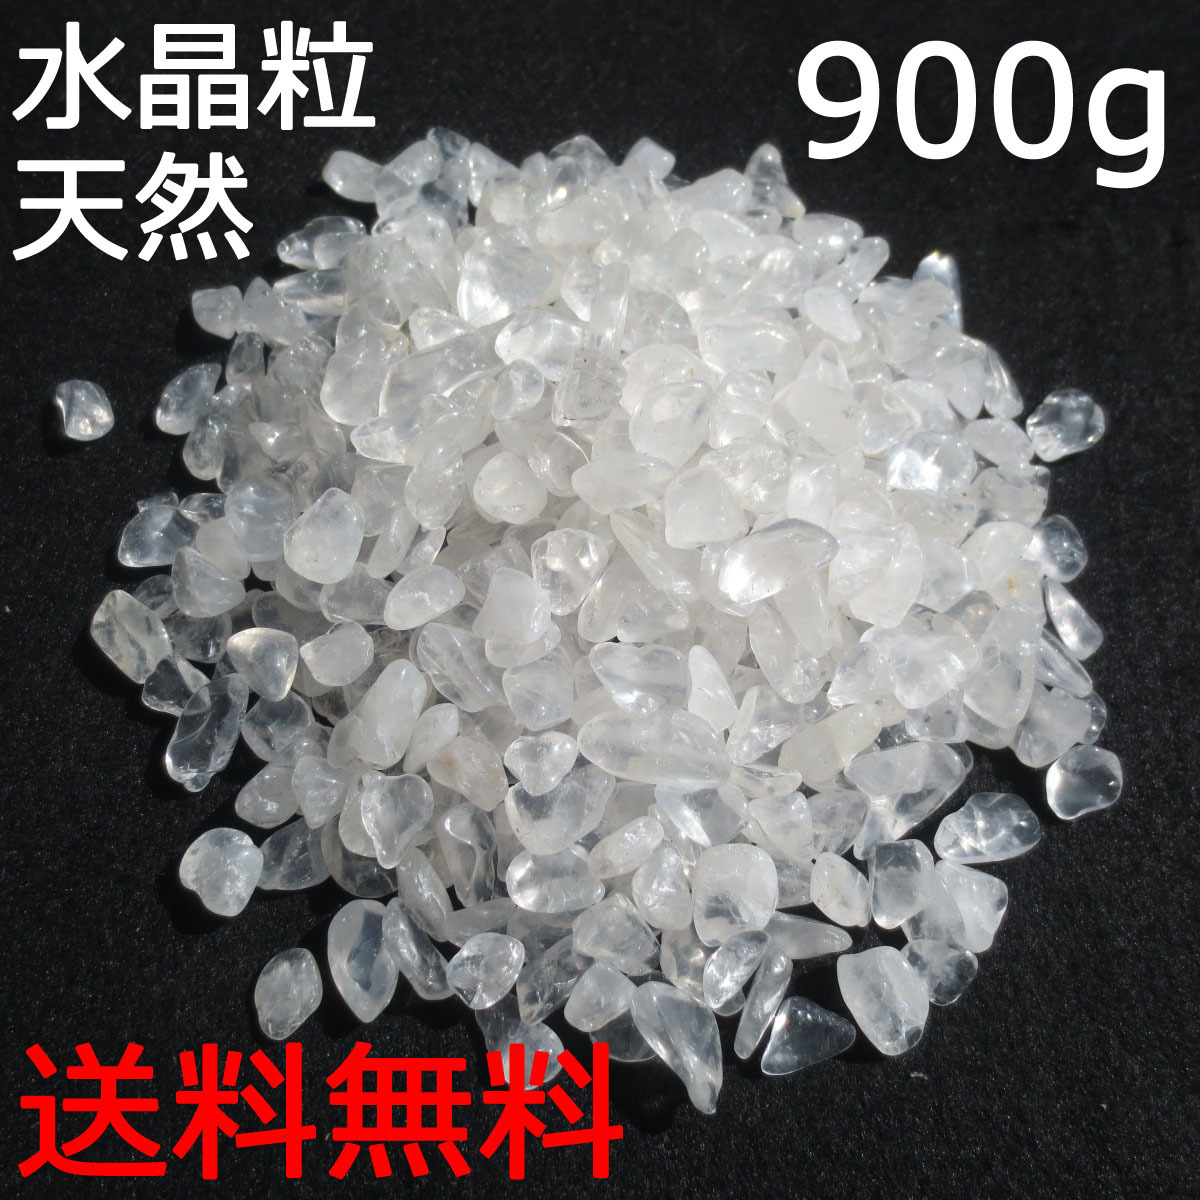 【本物】水晶粒 900g 大粒 さざれ石 チップ 砂利【送料無料】天然/本物/玉/原石